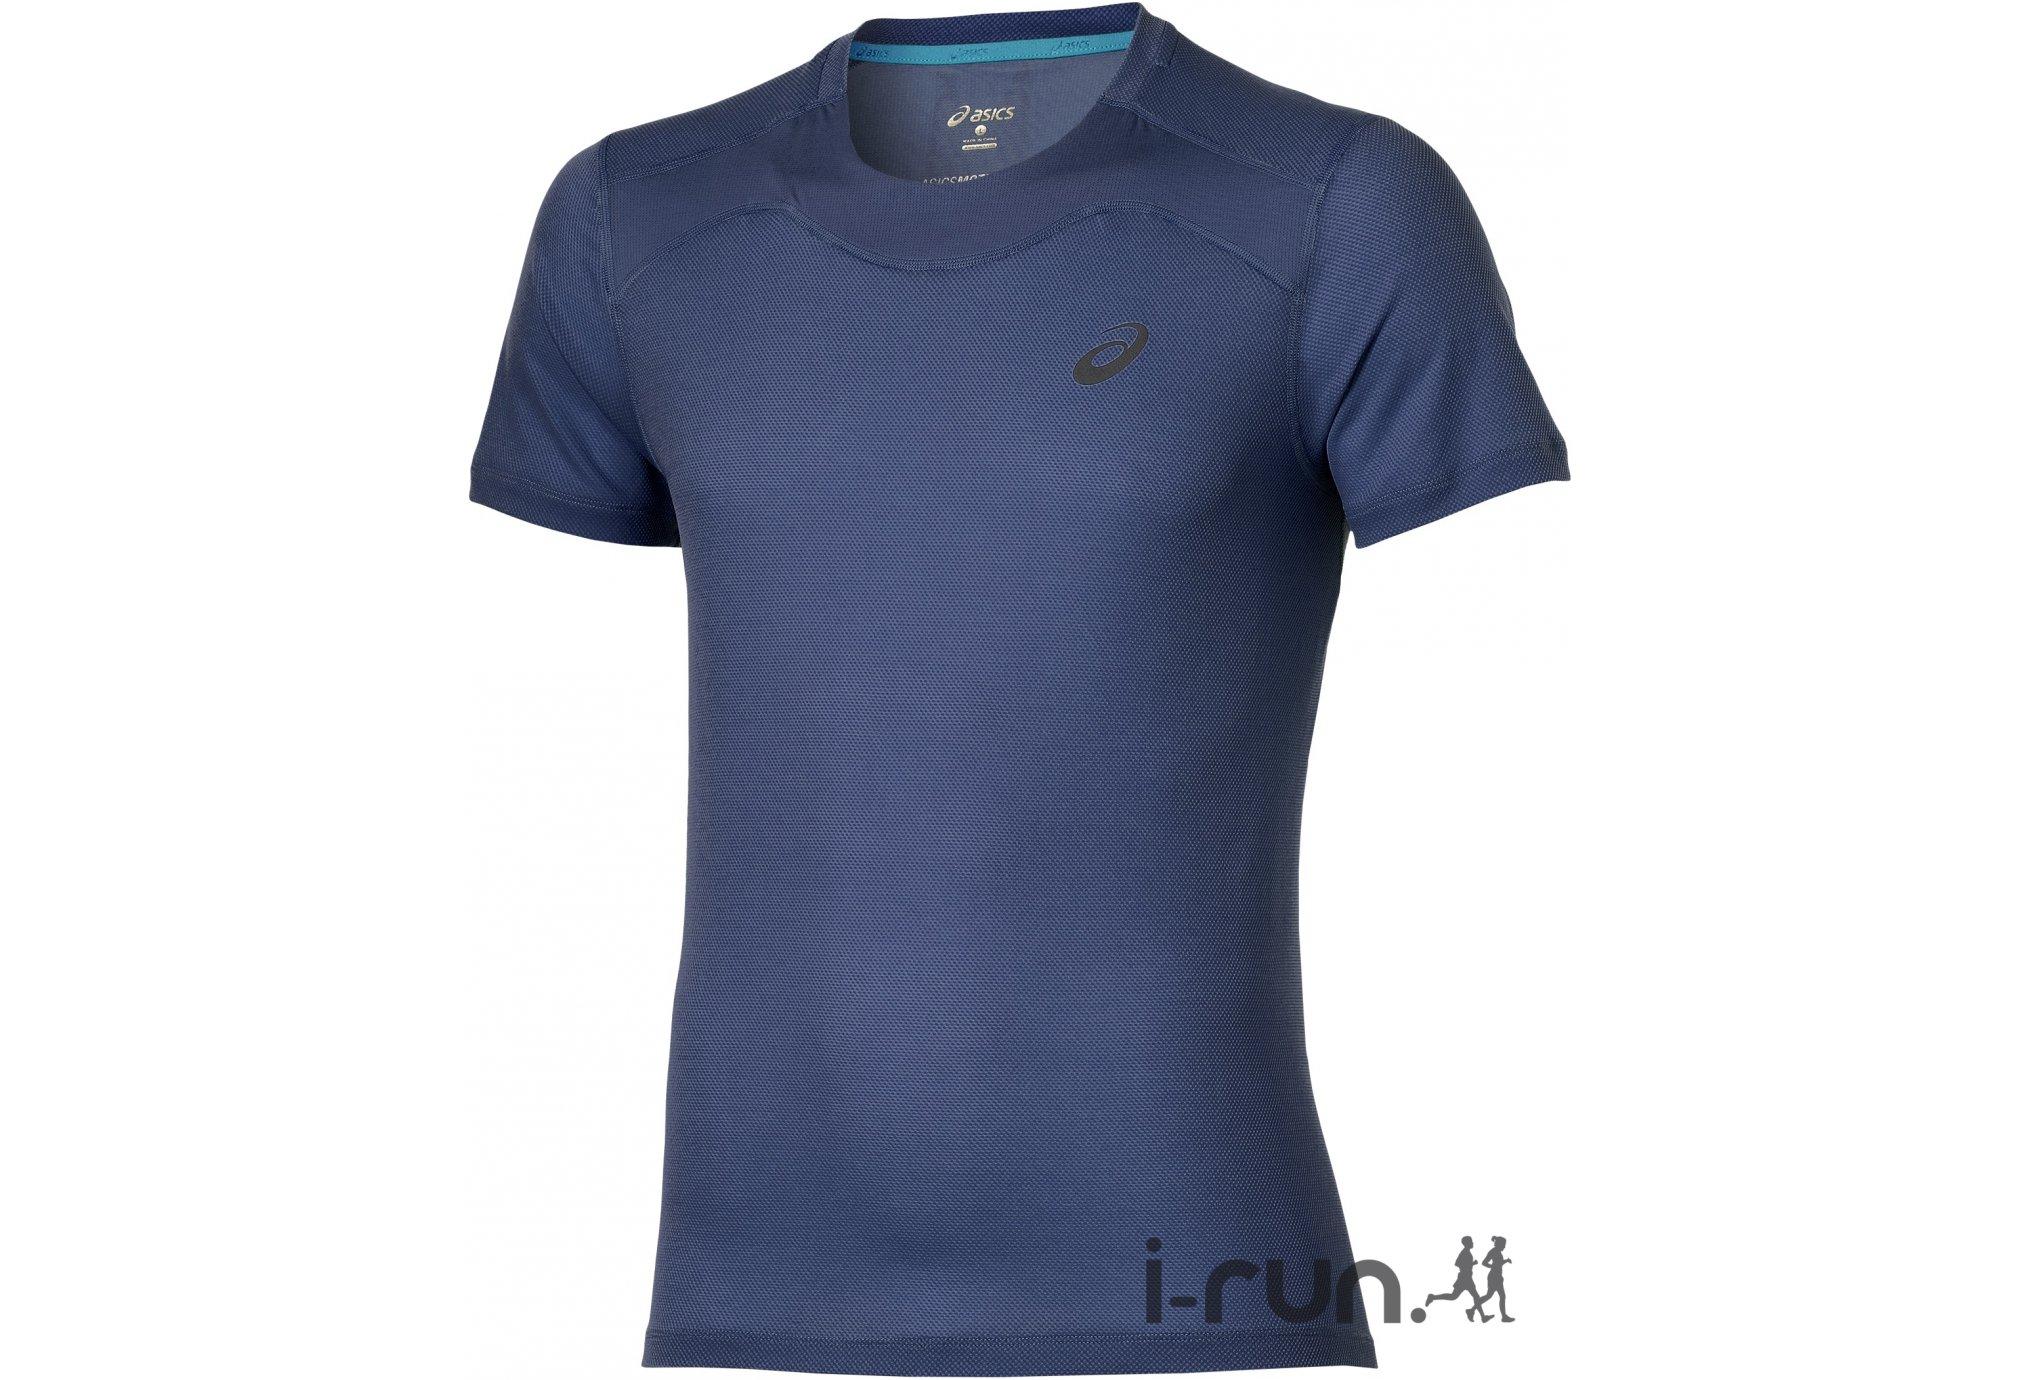 Asics Tee-shirt Race M vêtement running homme